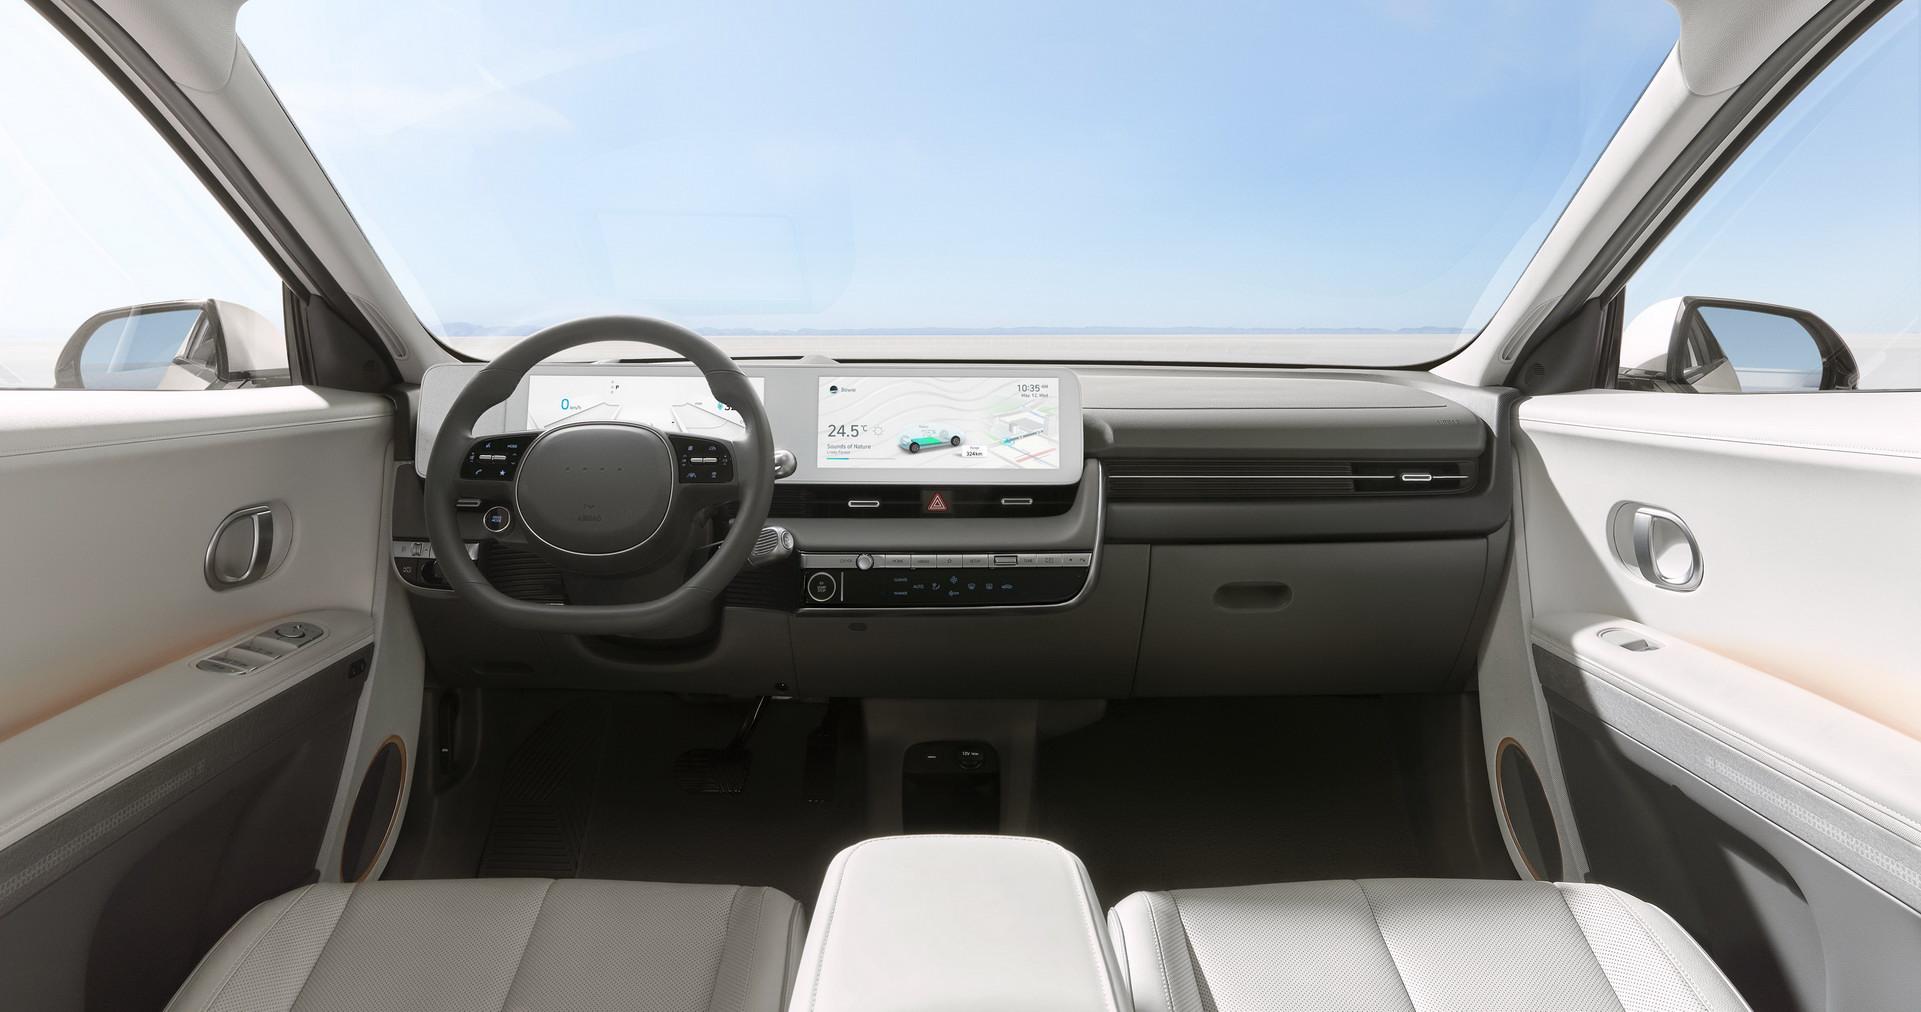 Xe điện hyundai Ioniq 5 2022 chốt giá từ 45.000 USD Hyundai Ioniq 5 2022 ra mắt với khả năng sạc cực nhanh hyundai-ioniq-5-20.jpg